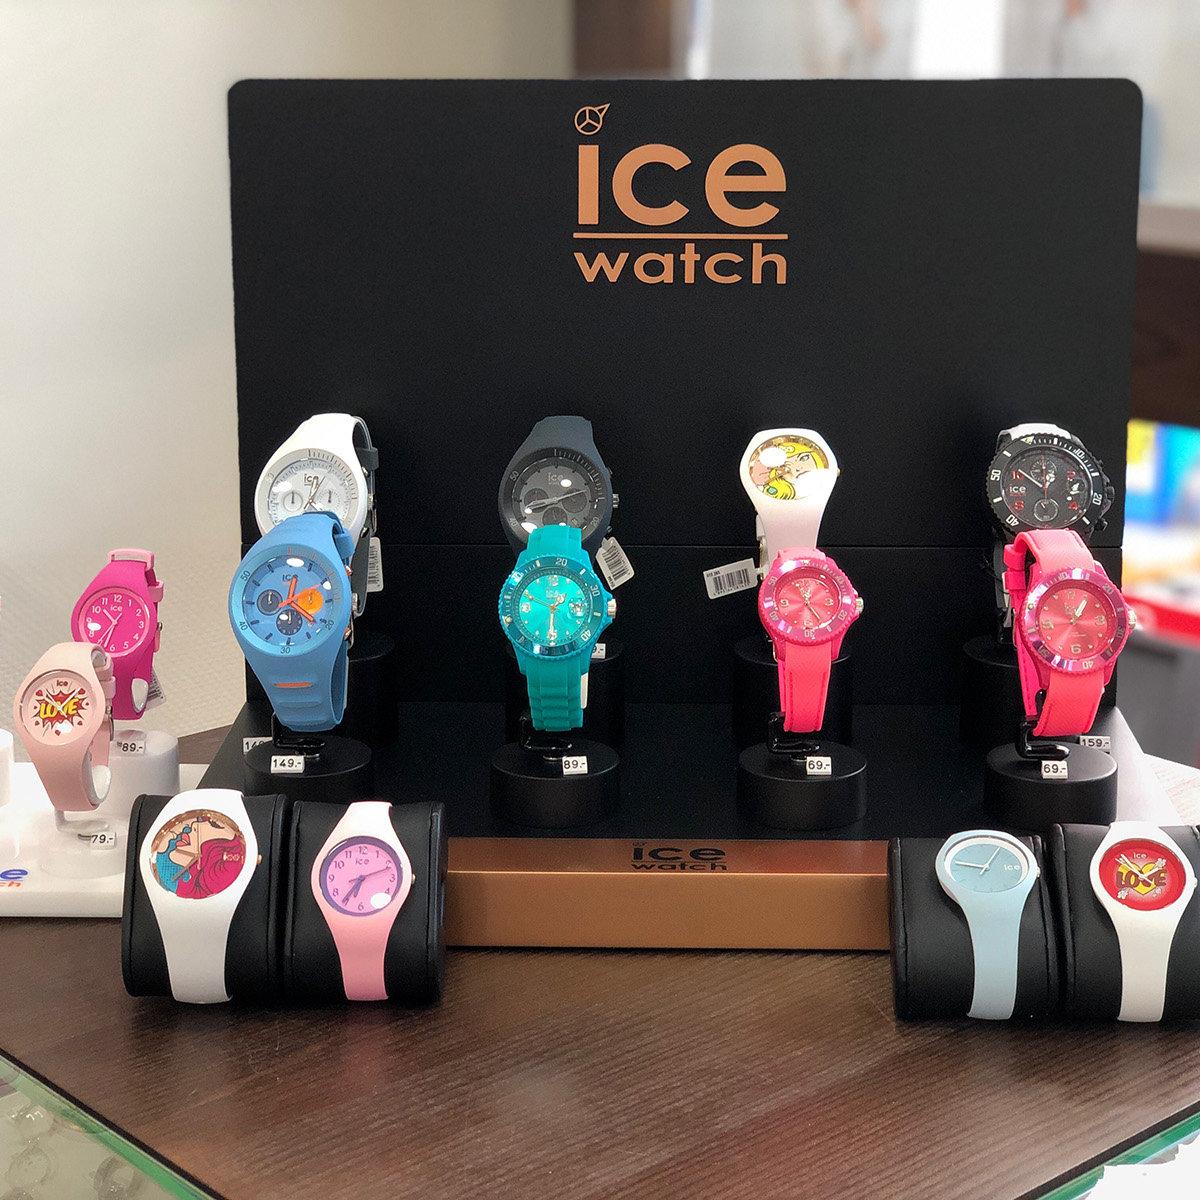 juwelier_areo_solingen_ausverkauf_ice_watch_uhren_markenuhren_solingen_ohligs